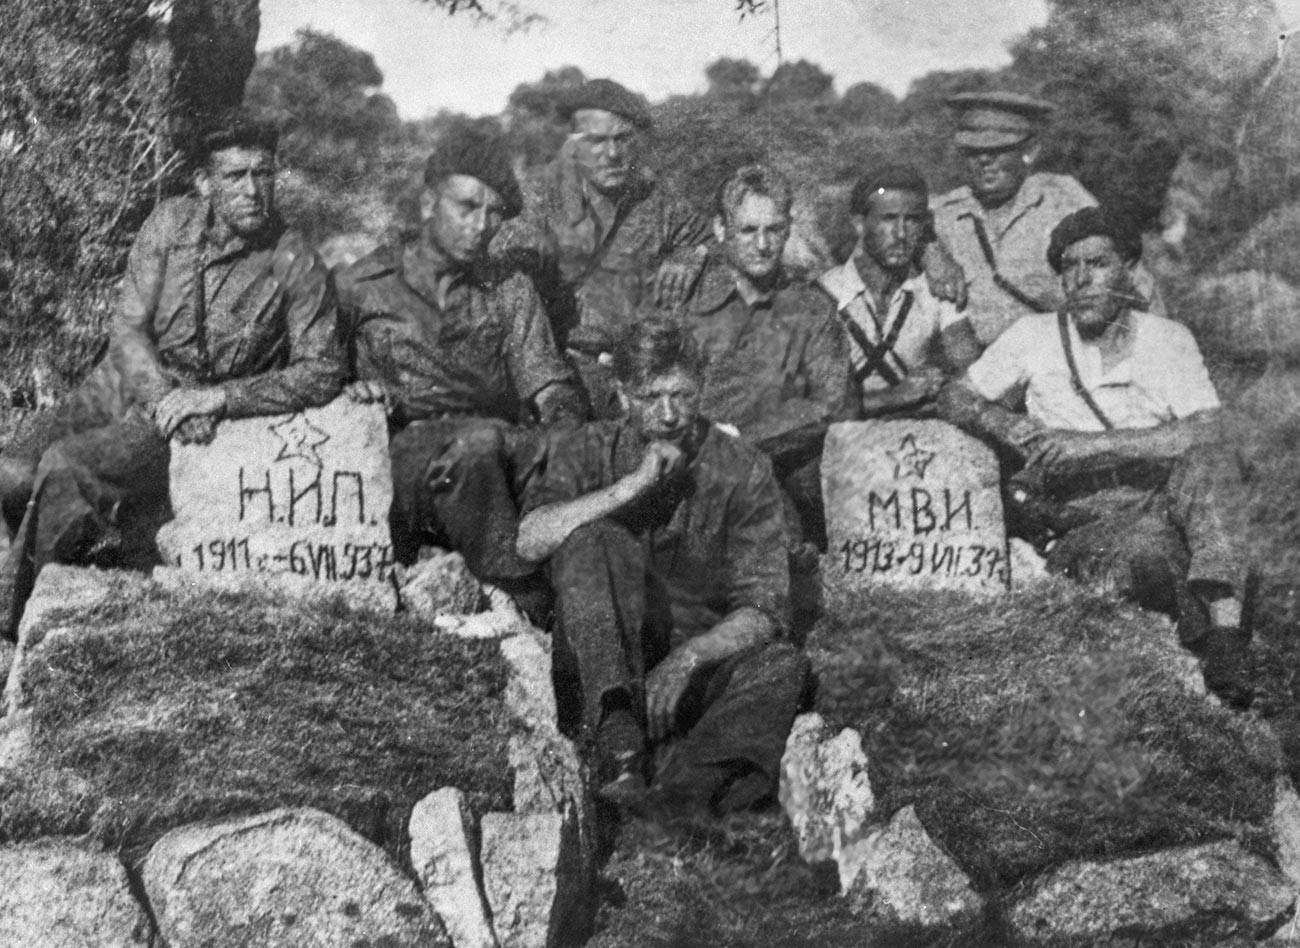 スペイン内戦で戦死した仲間の墓のそばに立つソ連の戦車兵